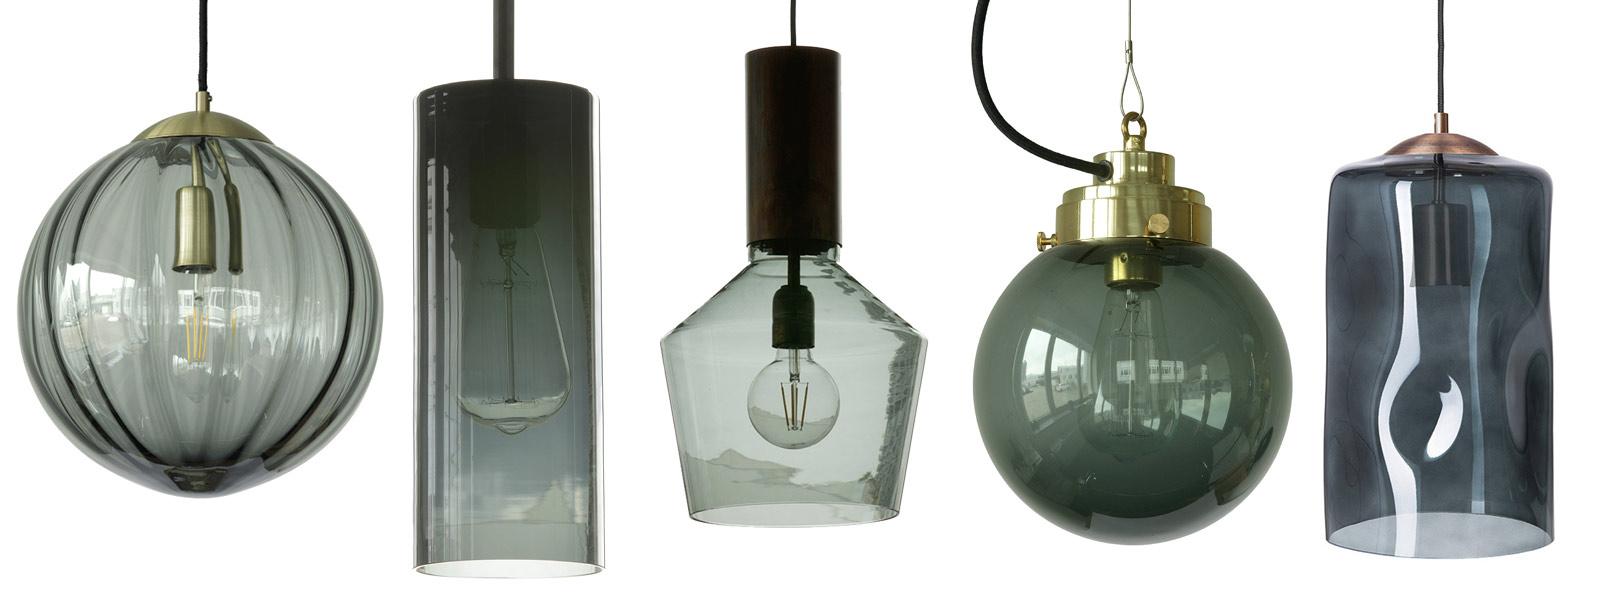 Full Size of Rauchglas Hngelampen Mit Dunkel Gefrbten Schirmen Wohnzimmer Hängelampen